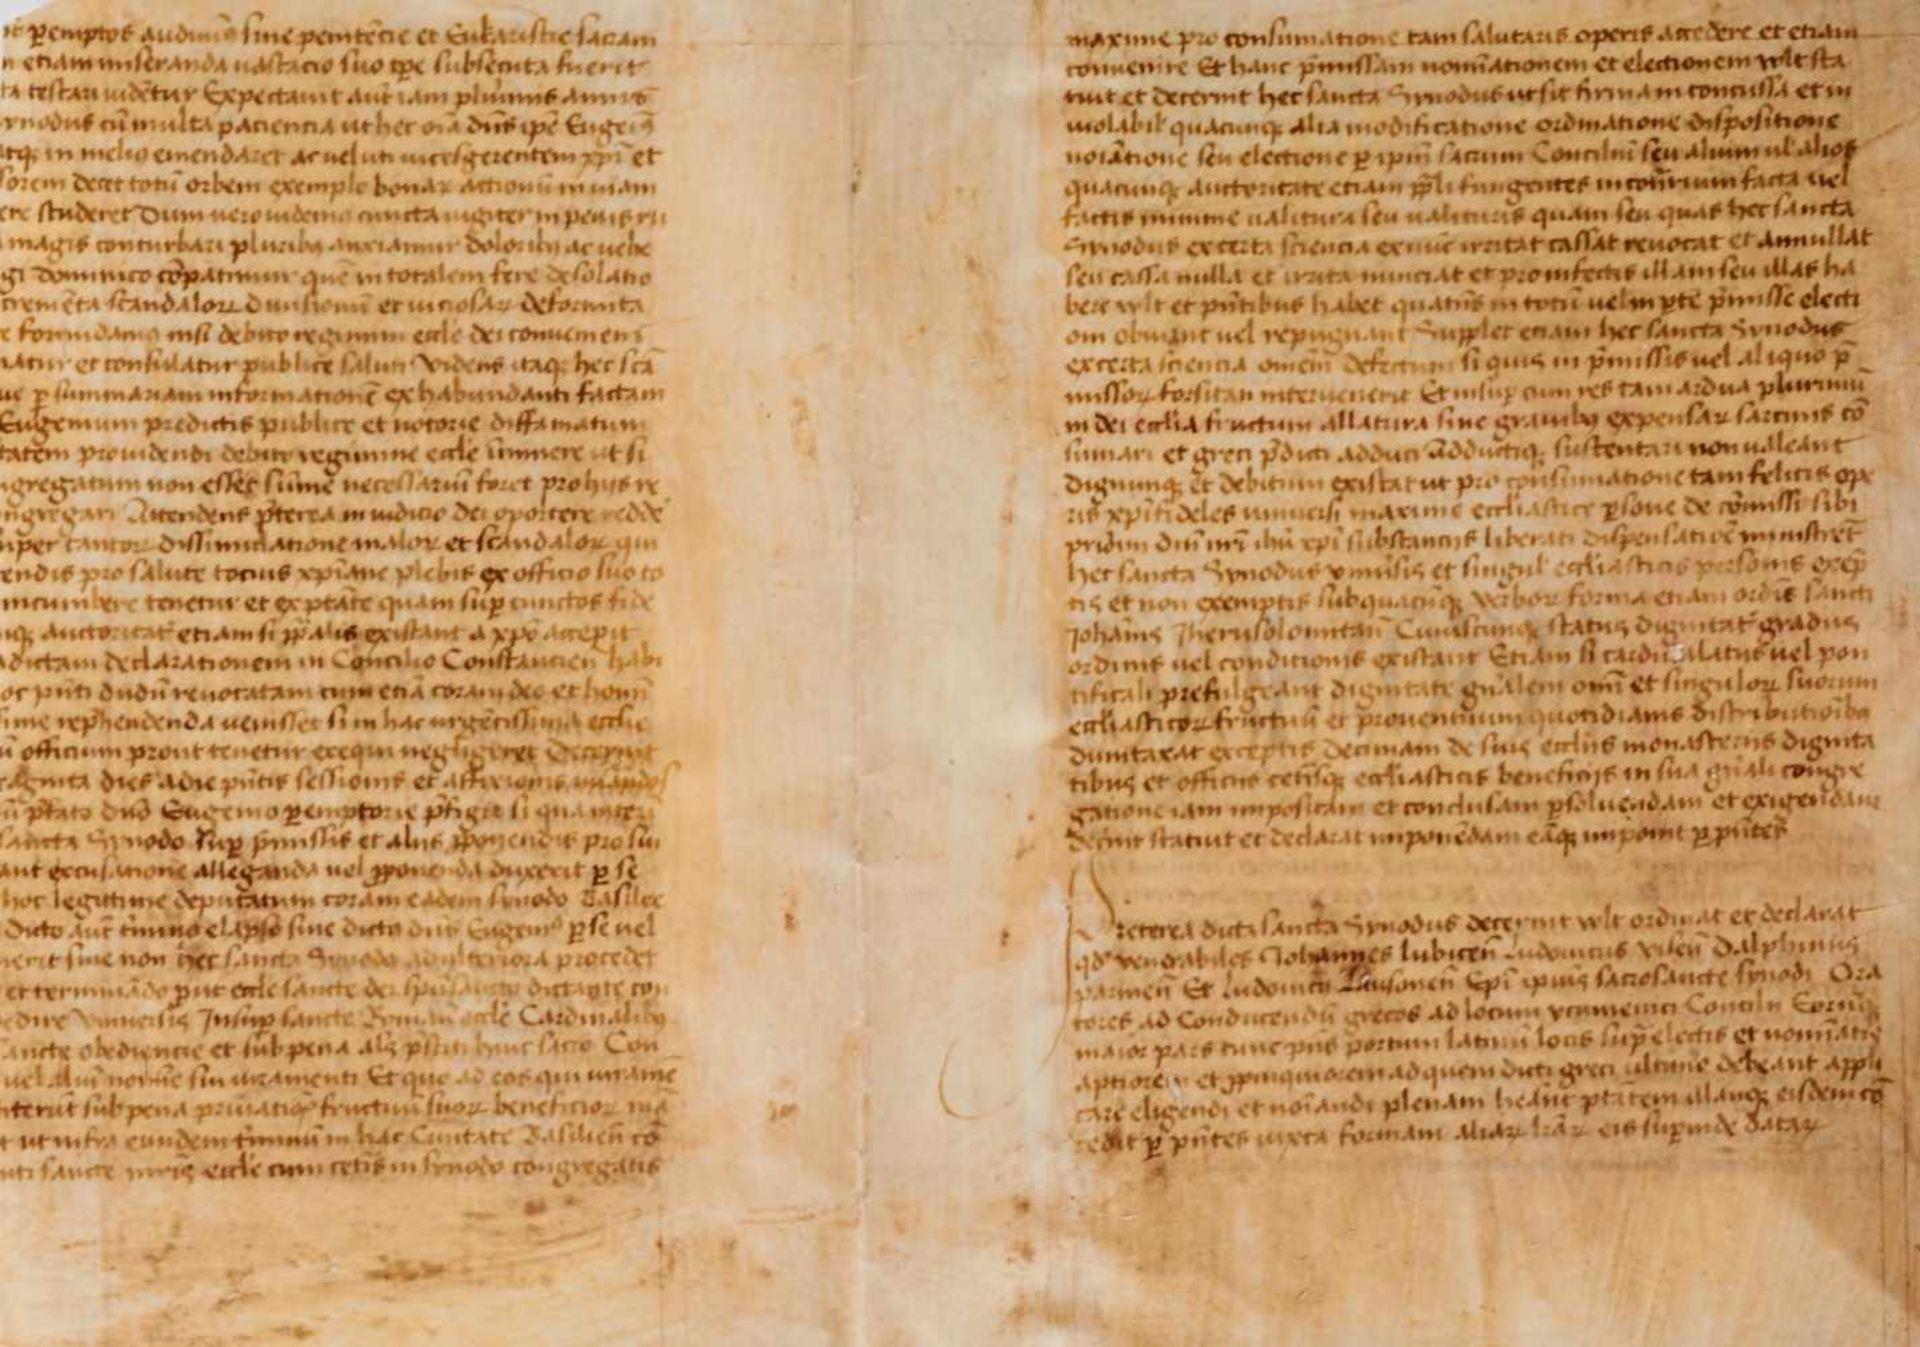 Basler Konzil- Doppelblatt (Fragment)aus einer lateinischen Handschrift auf Pergament. Wohl - Bild 3 aus 3